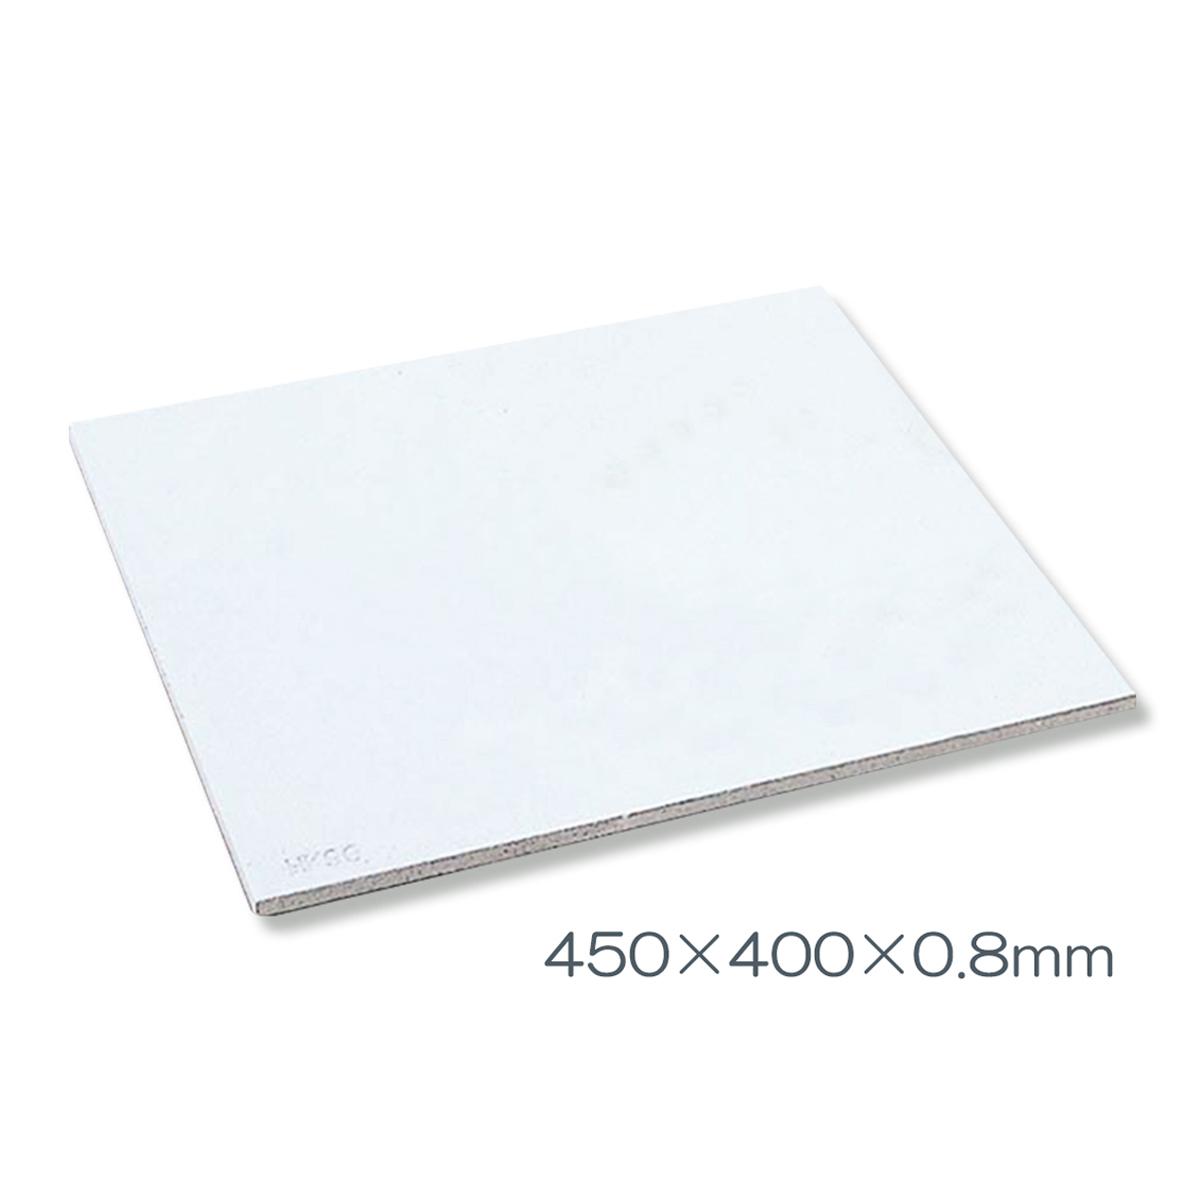 陶芸窯用具 棚板 カーボランダム 角型 450x400mm 【 陶芸 陶芸窯 棚板 】